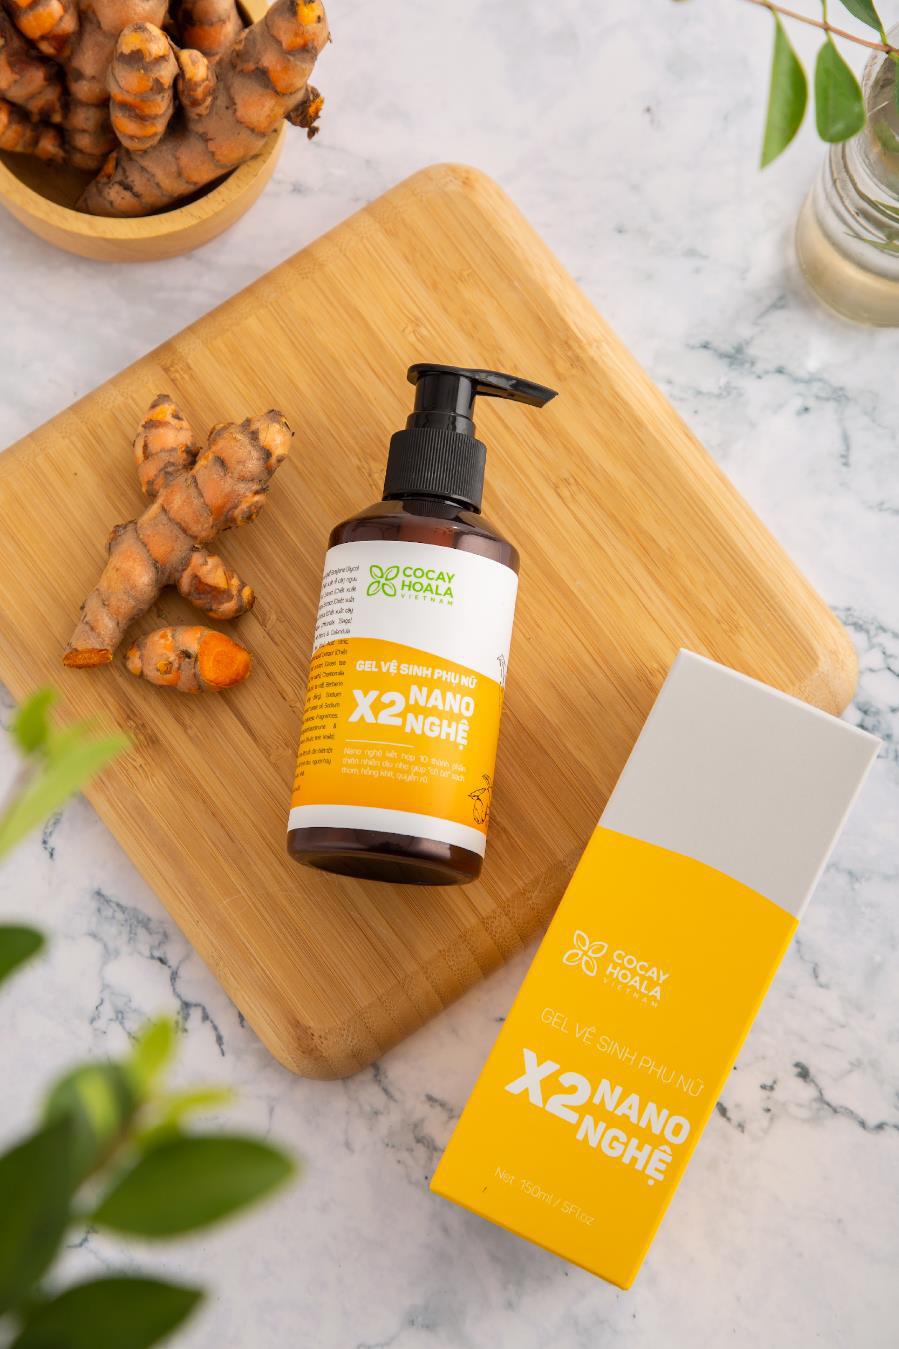 Review Gel vệ sinh phụ nữ X2 Nano nghệ - Giảm ngứa, giảm viêm, giảm mùi hôi hiệu quả sau 1 tuần sử dụng - Ảnh 2.